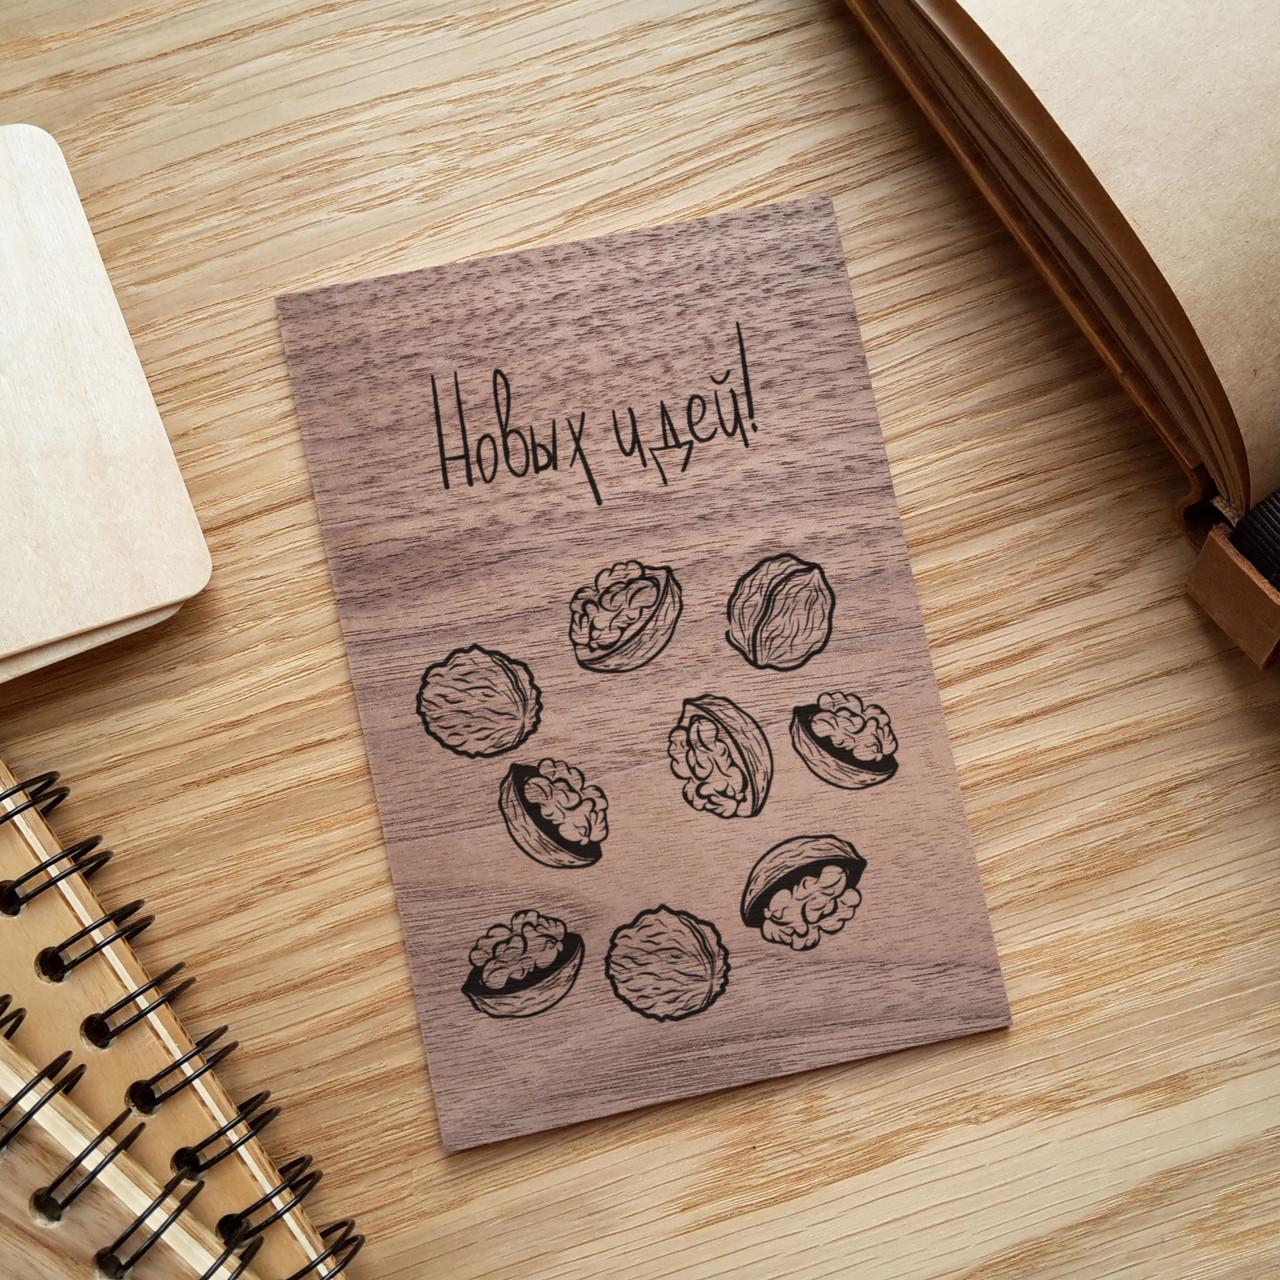 """Деревянная открытка """"Новых идей"""", фото 1"""